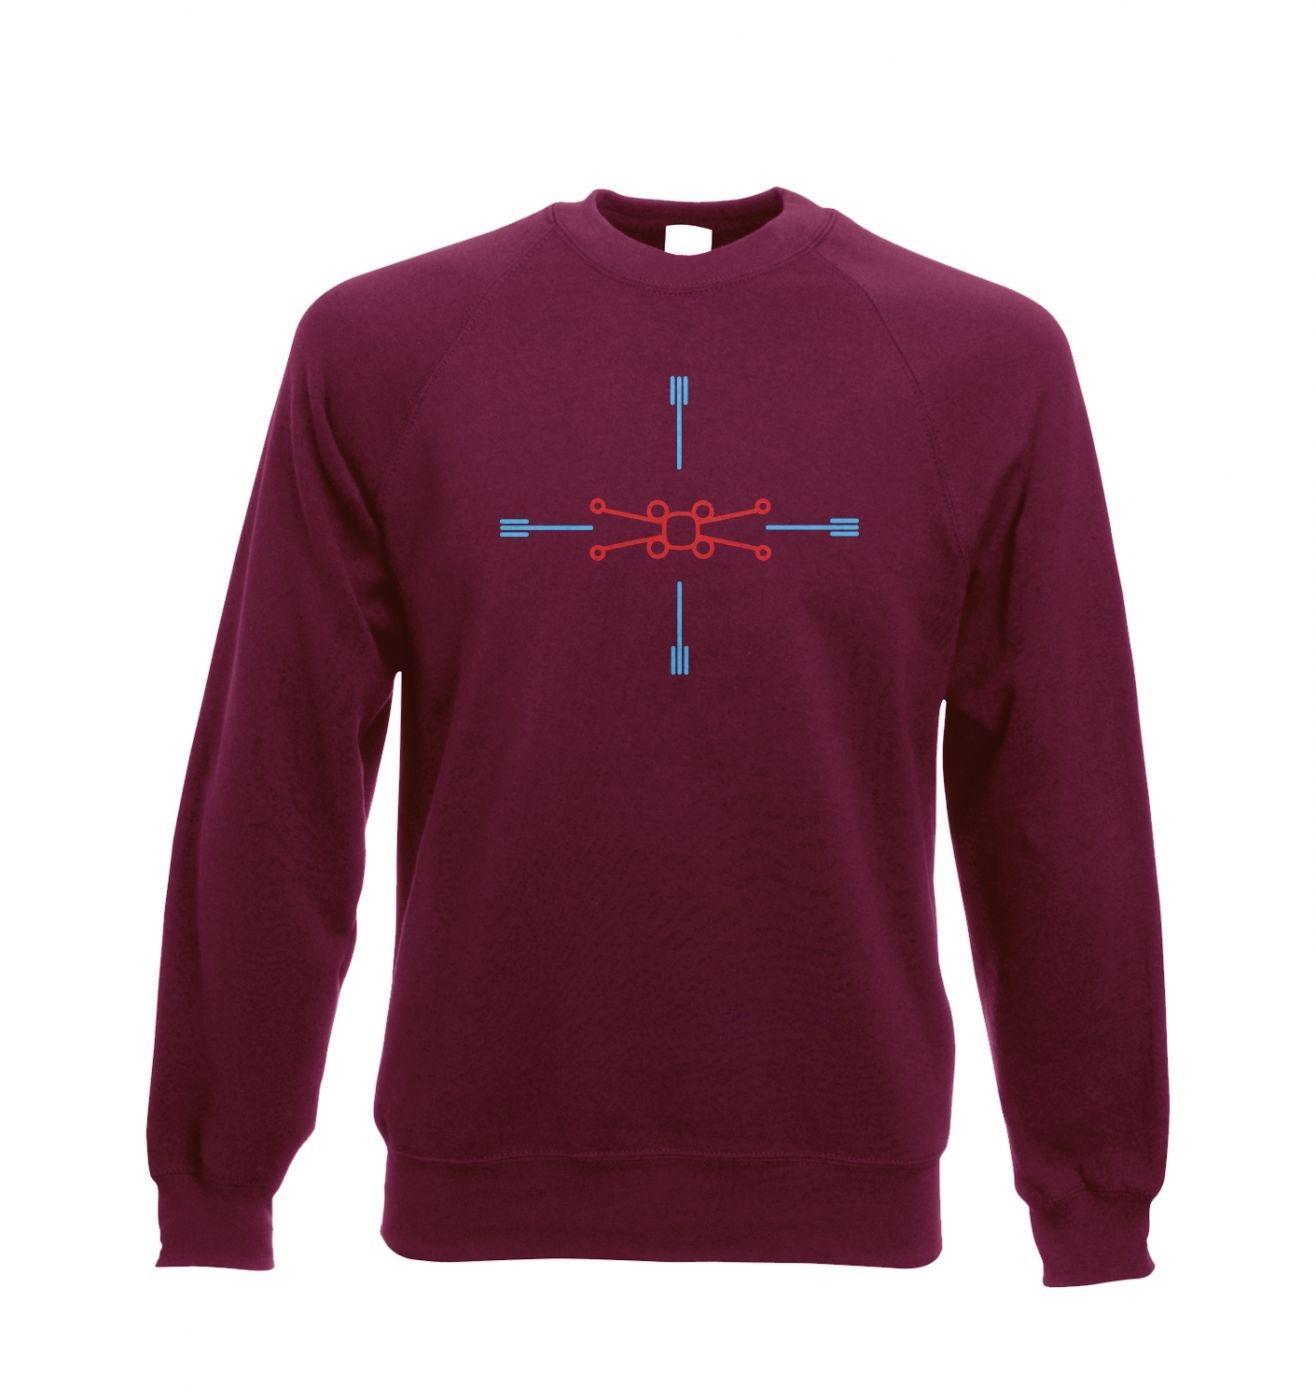 I Have You Now sweatshirt